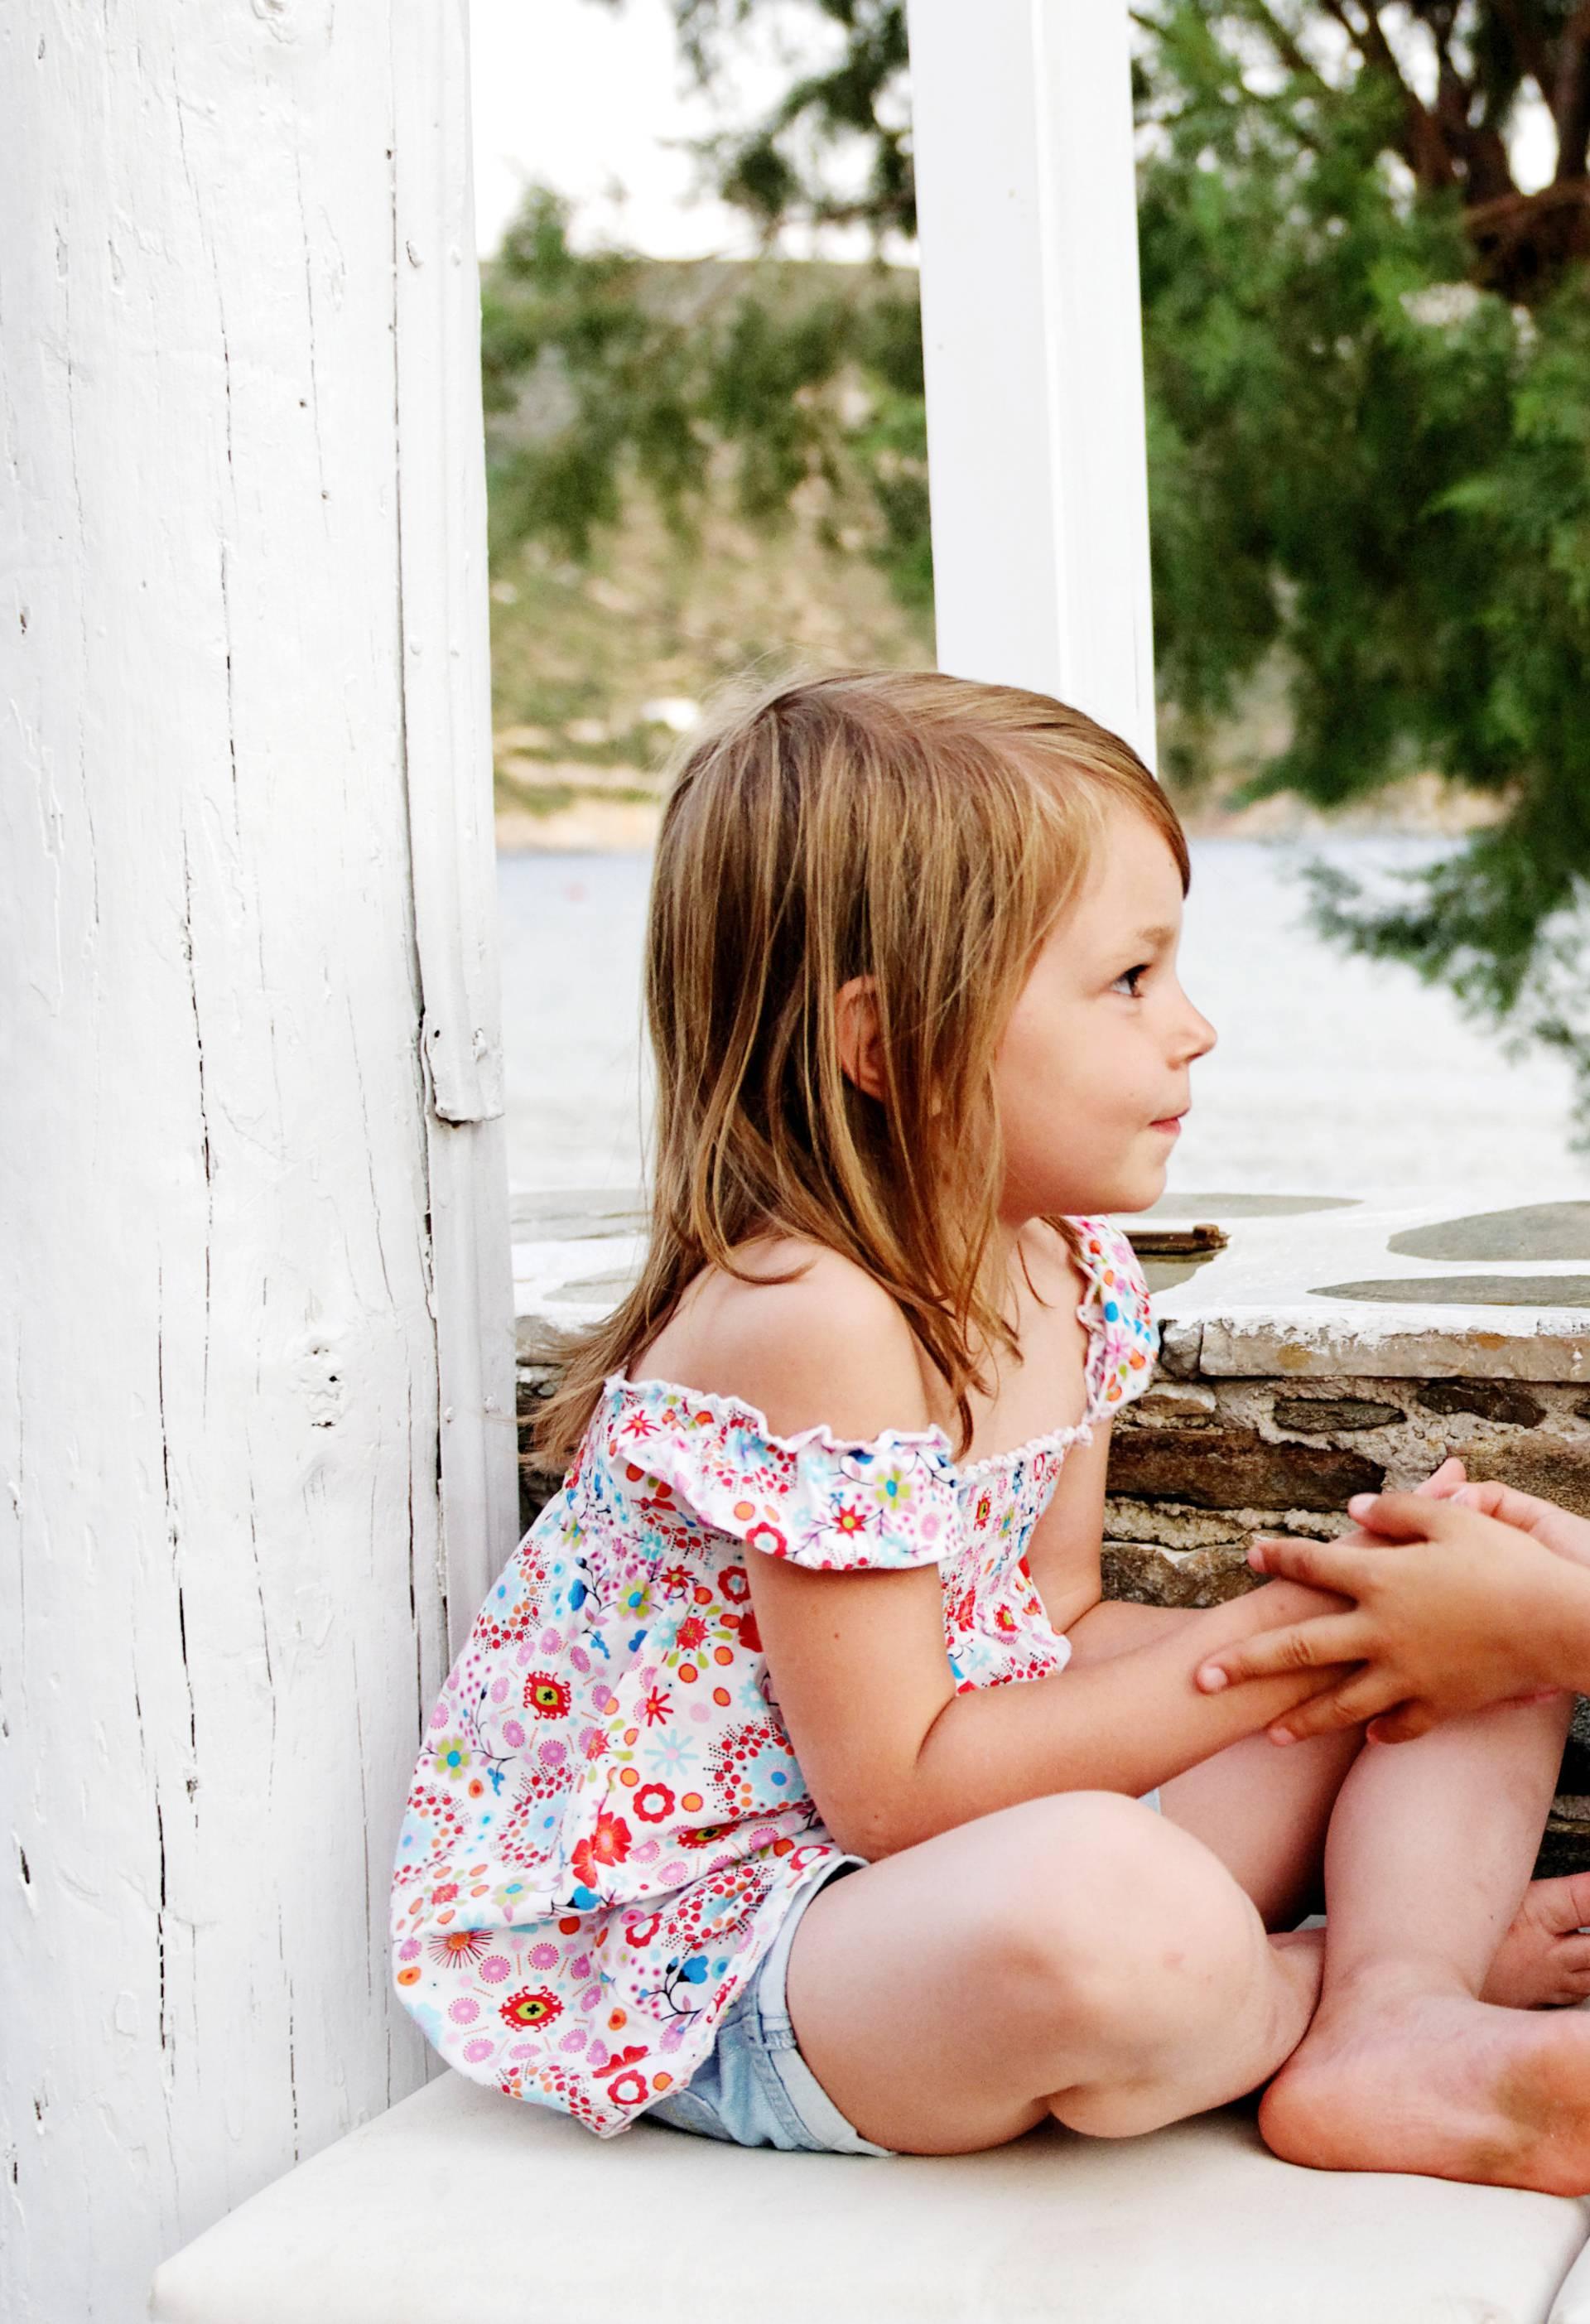 'Najstarija djeca ranije odrastu i rade više nego što bi trebali'